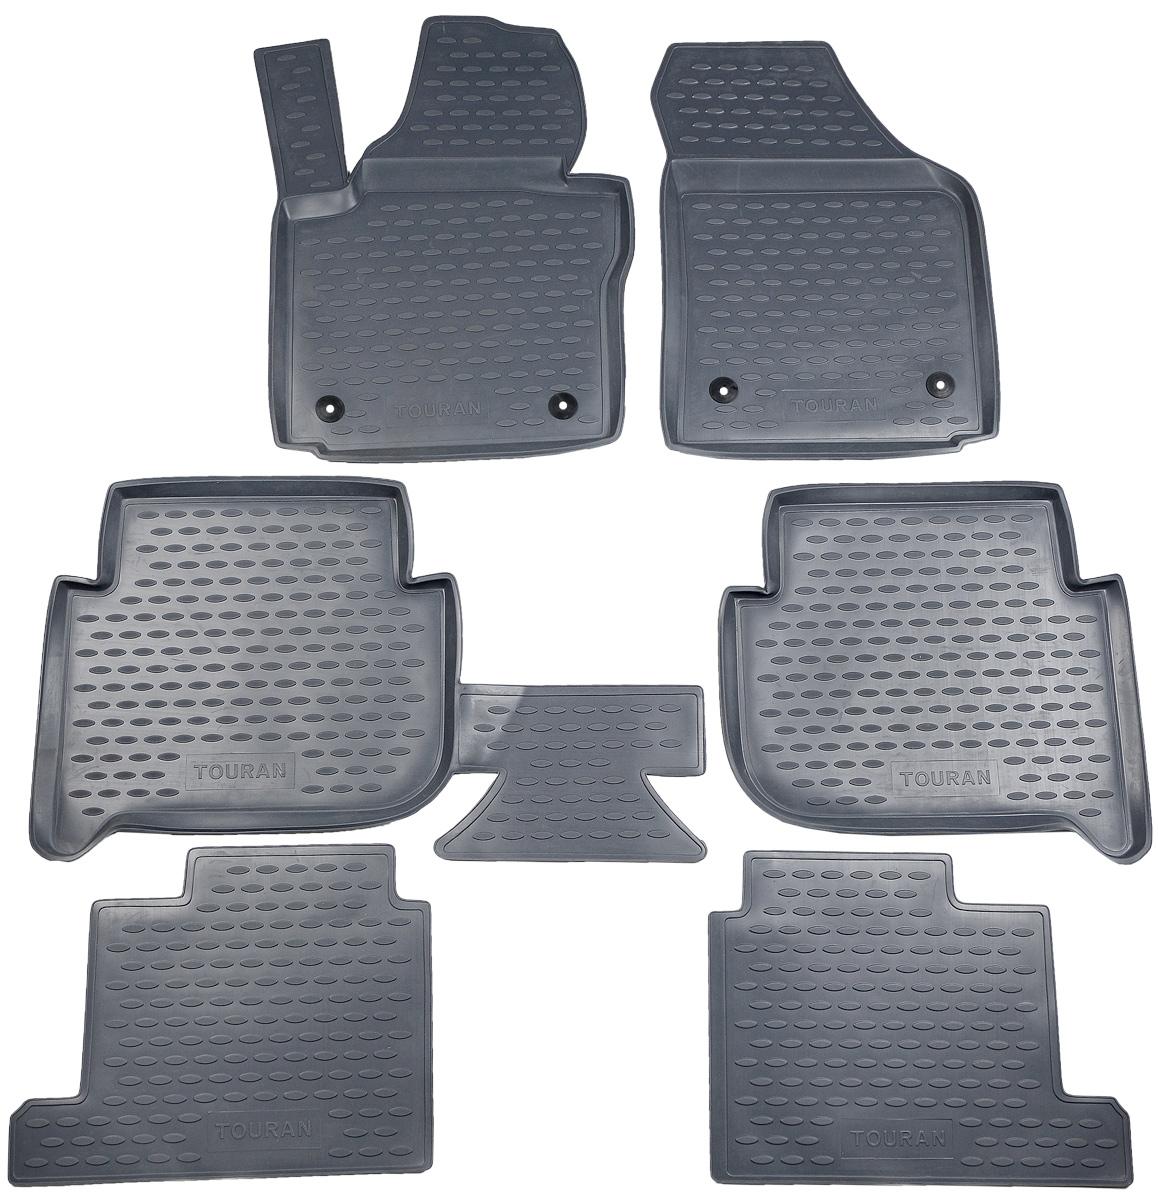 Коврики в салон автомобиля Novline-Autofamily, для Volkswagen Touran 11/2006->, 7 мест, 6 штNLC.51.20.211kКоврики в салон Novline-Autofamily не только улучшат внешний вид салона вашего автомобиля, но и надежно уберегут его от пыли, грязи и сырости, а значит, защитят кузов от коррозии. Полиуретановые коврики для автомобиля гладкие, приятные и не пропускают влагу. Автомобильные коврики в салон учитывают все особенности каждой модели и полностью повторяют контуры пола. Благодаря этому их не нужно будет подгибать или обрезать. И самое главное - они не будут мешать педалям.Полиуретановые автомобильные коврики для салона произведены из высококачественного материала, который держит форму и не пачкает обувь. К тому же, этот материал очень прочный (его, к примеру, не получится проткнуть каблуком).Некоторые автоковрики становятся источником неприятного запаха в автомобиле. С полиуретановыми ковриками Novline-Autofamily вы можете этого не бояться.Коврики для автомобилей надежно крепятся на полу и не скользят, что очень важно во время движения, особенно для водителя.Коврики из полиуретана надежно удерживают грязь и влагу, при этом всегда выглядят довольно опрятно. И чистятся они очень просто: как при помощи автомобильного пылесоса, так и различными моющими средствами.